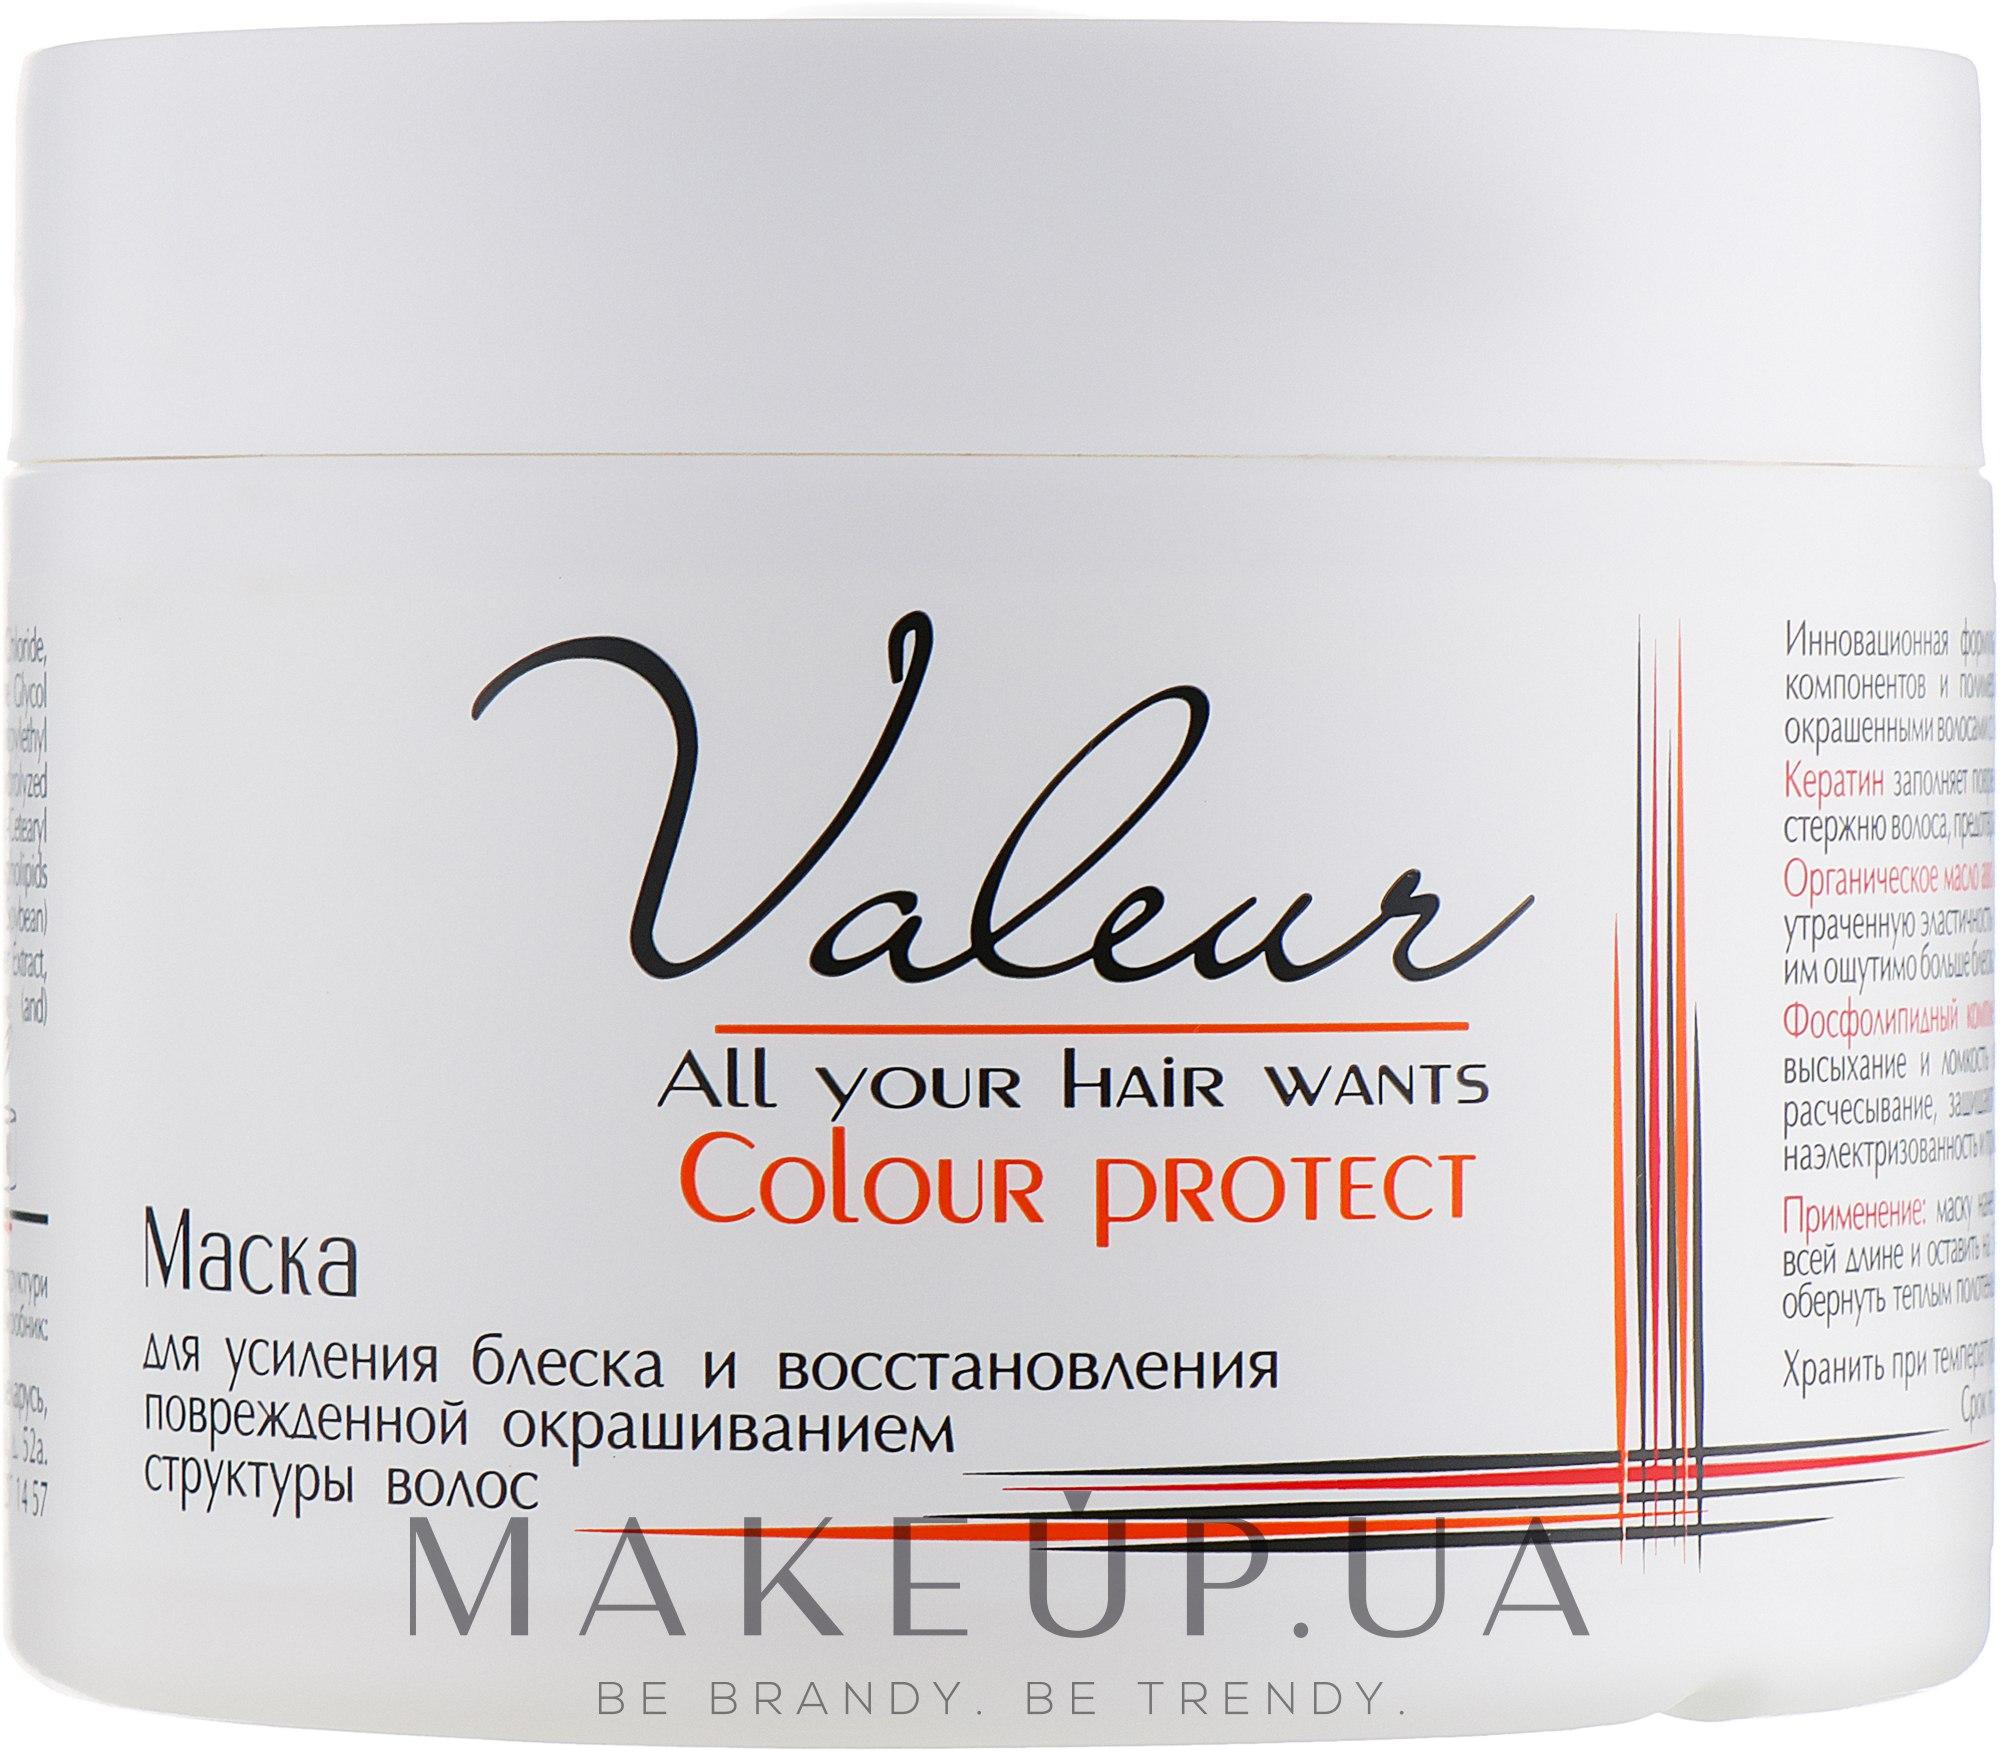 Маска для усиления блеска и восстановления поврежденной структуры волос - Liv Delano Valeur — фото 300g